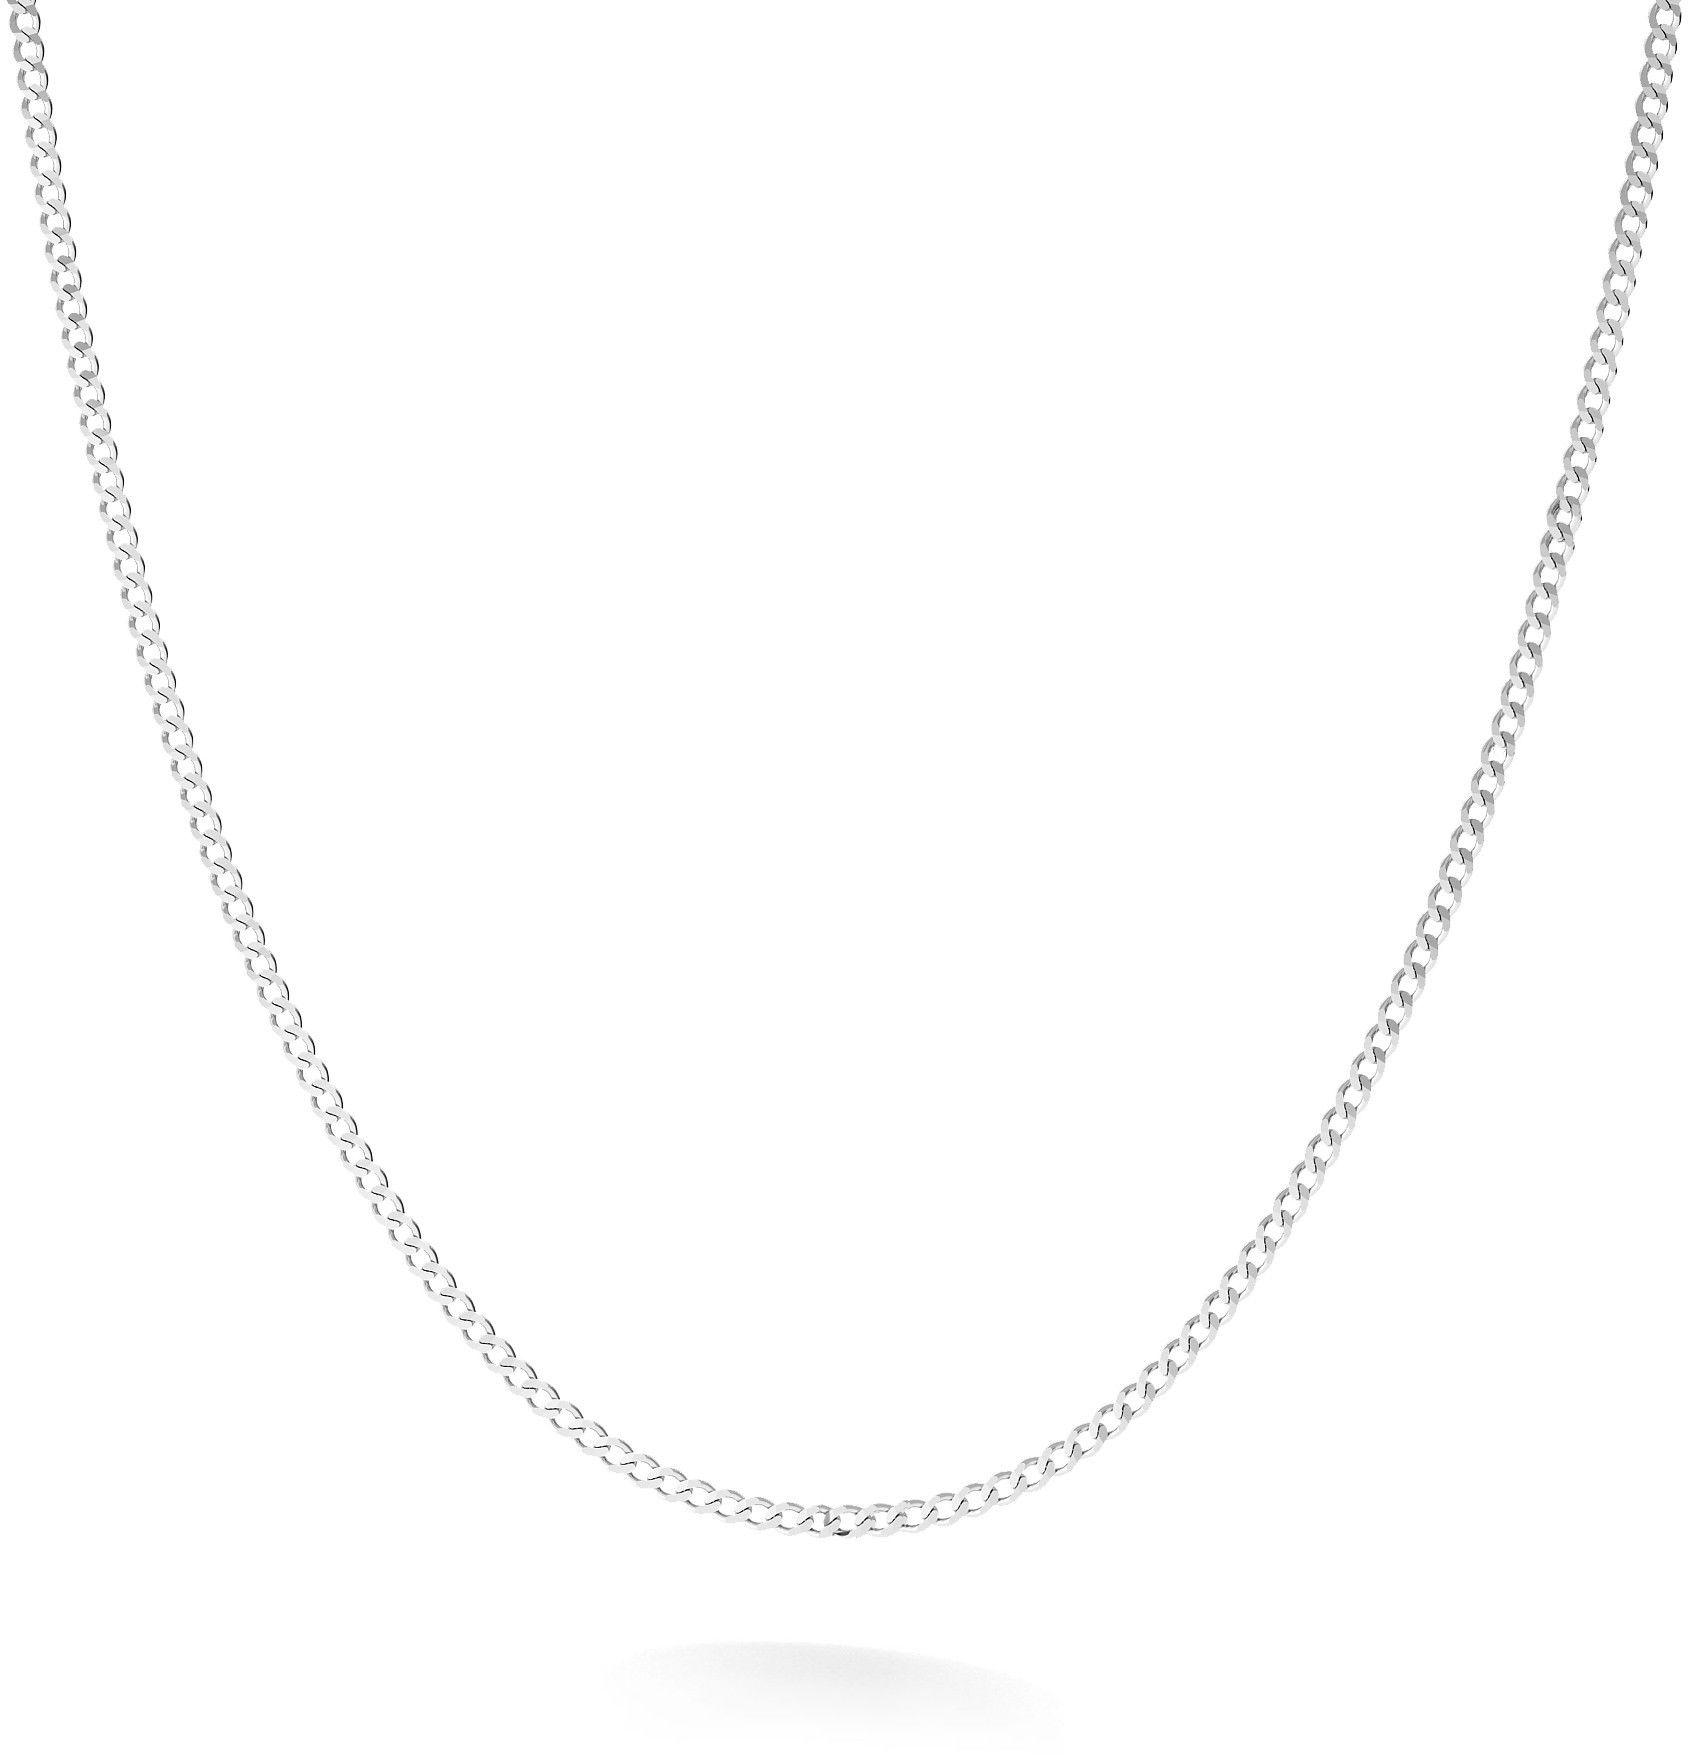 Srebrny łańcuszek pancerka diamentowana, srebro 925 : Długość (cm) - 90, Srebro - kolor pokrycia - Pokrycie platyną